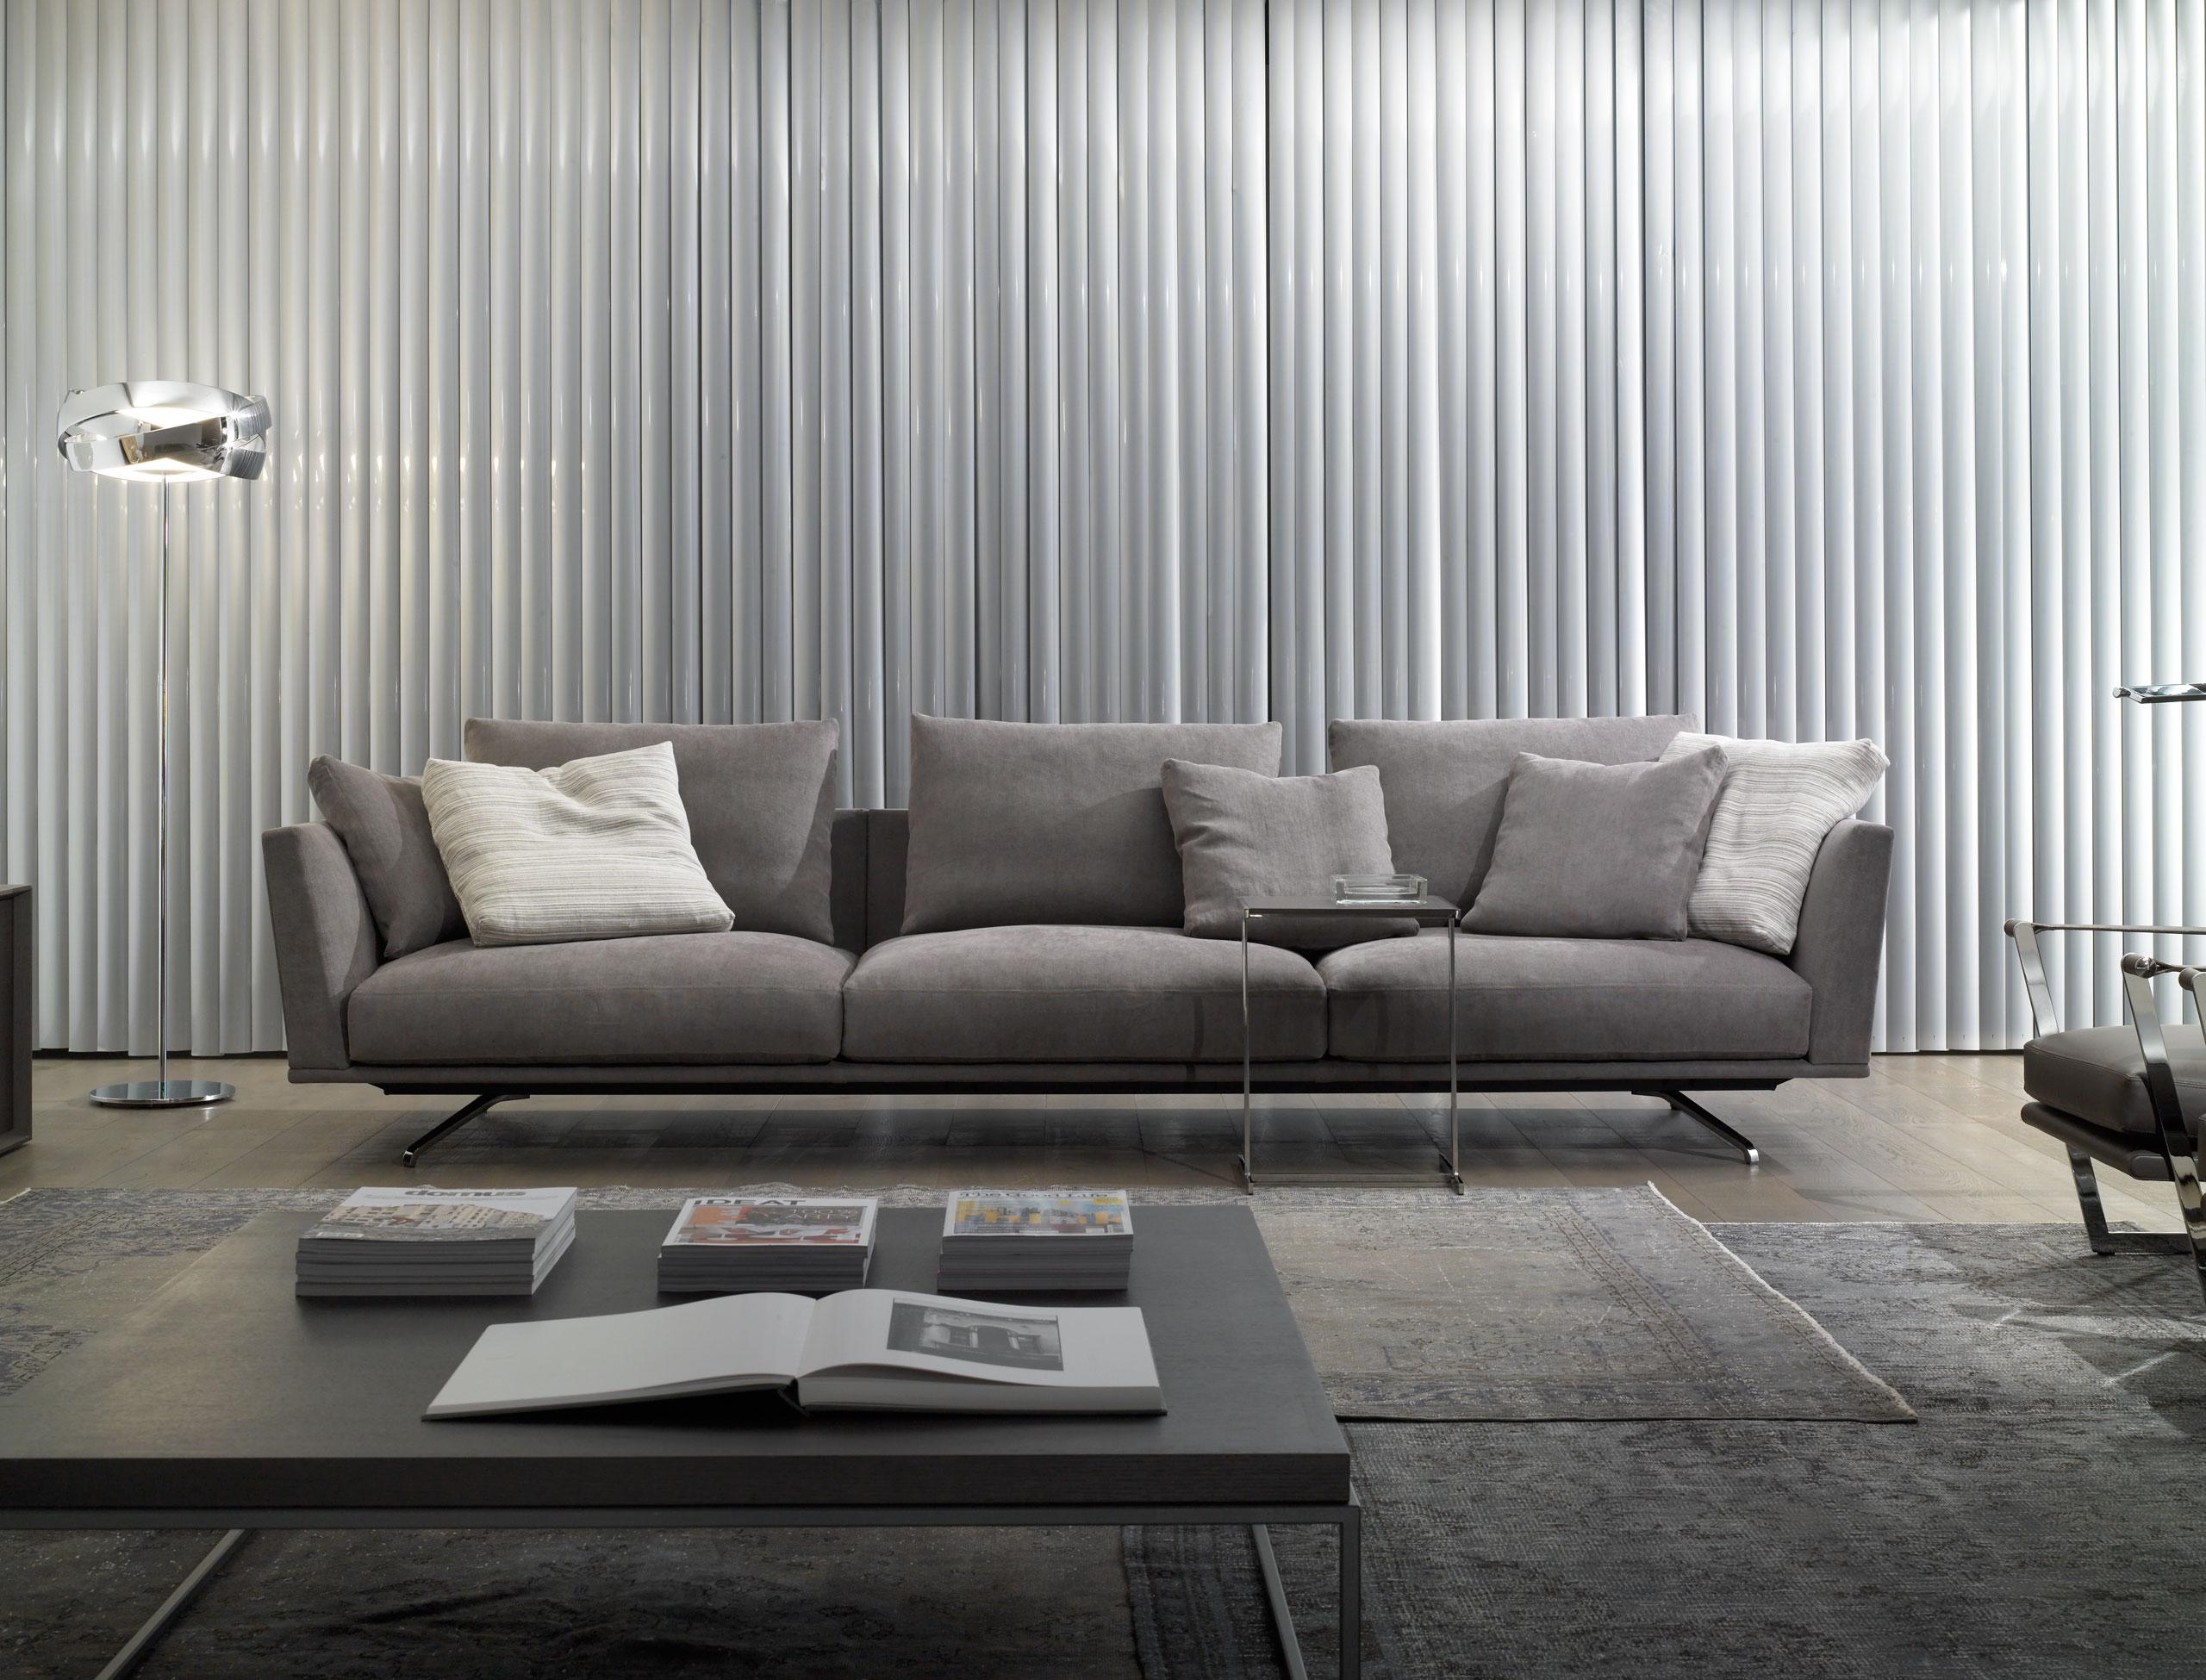 sofa gris casadesus muebles mallorca